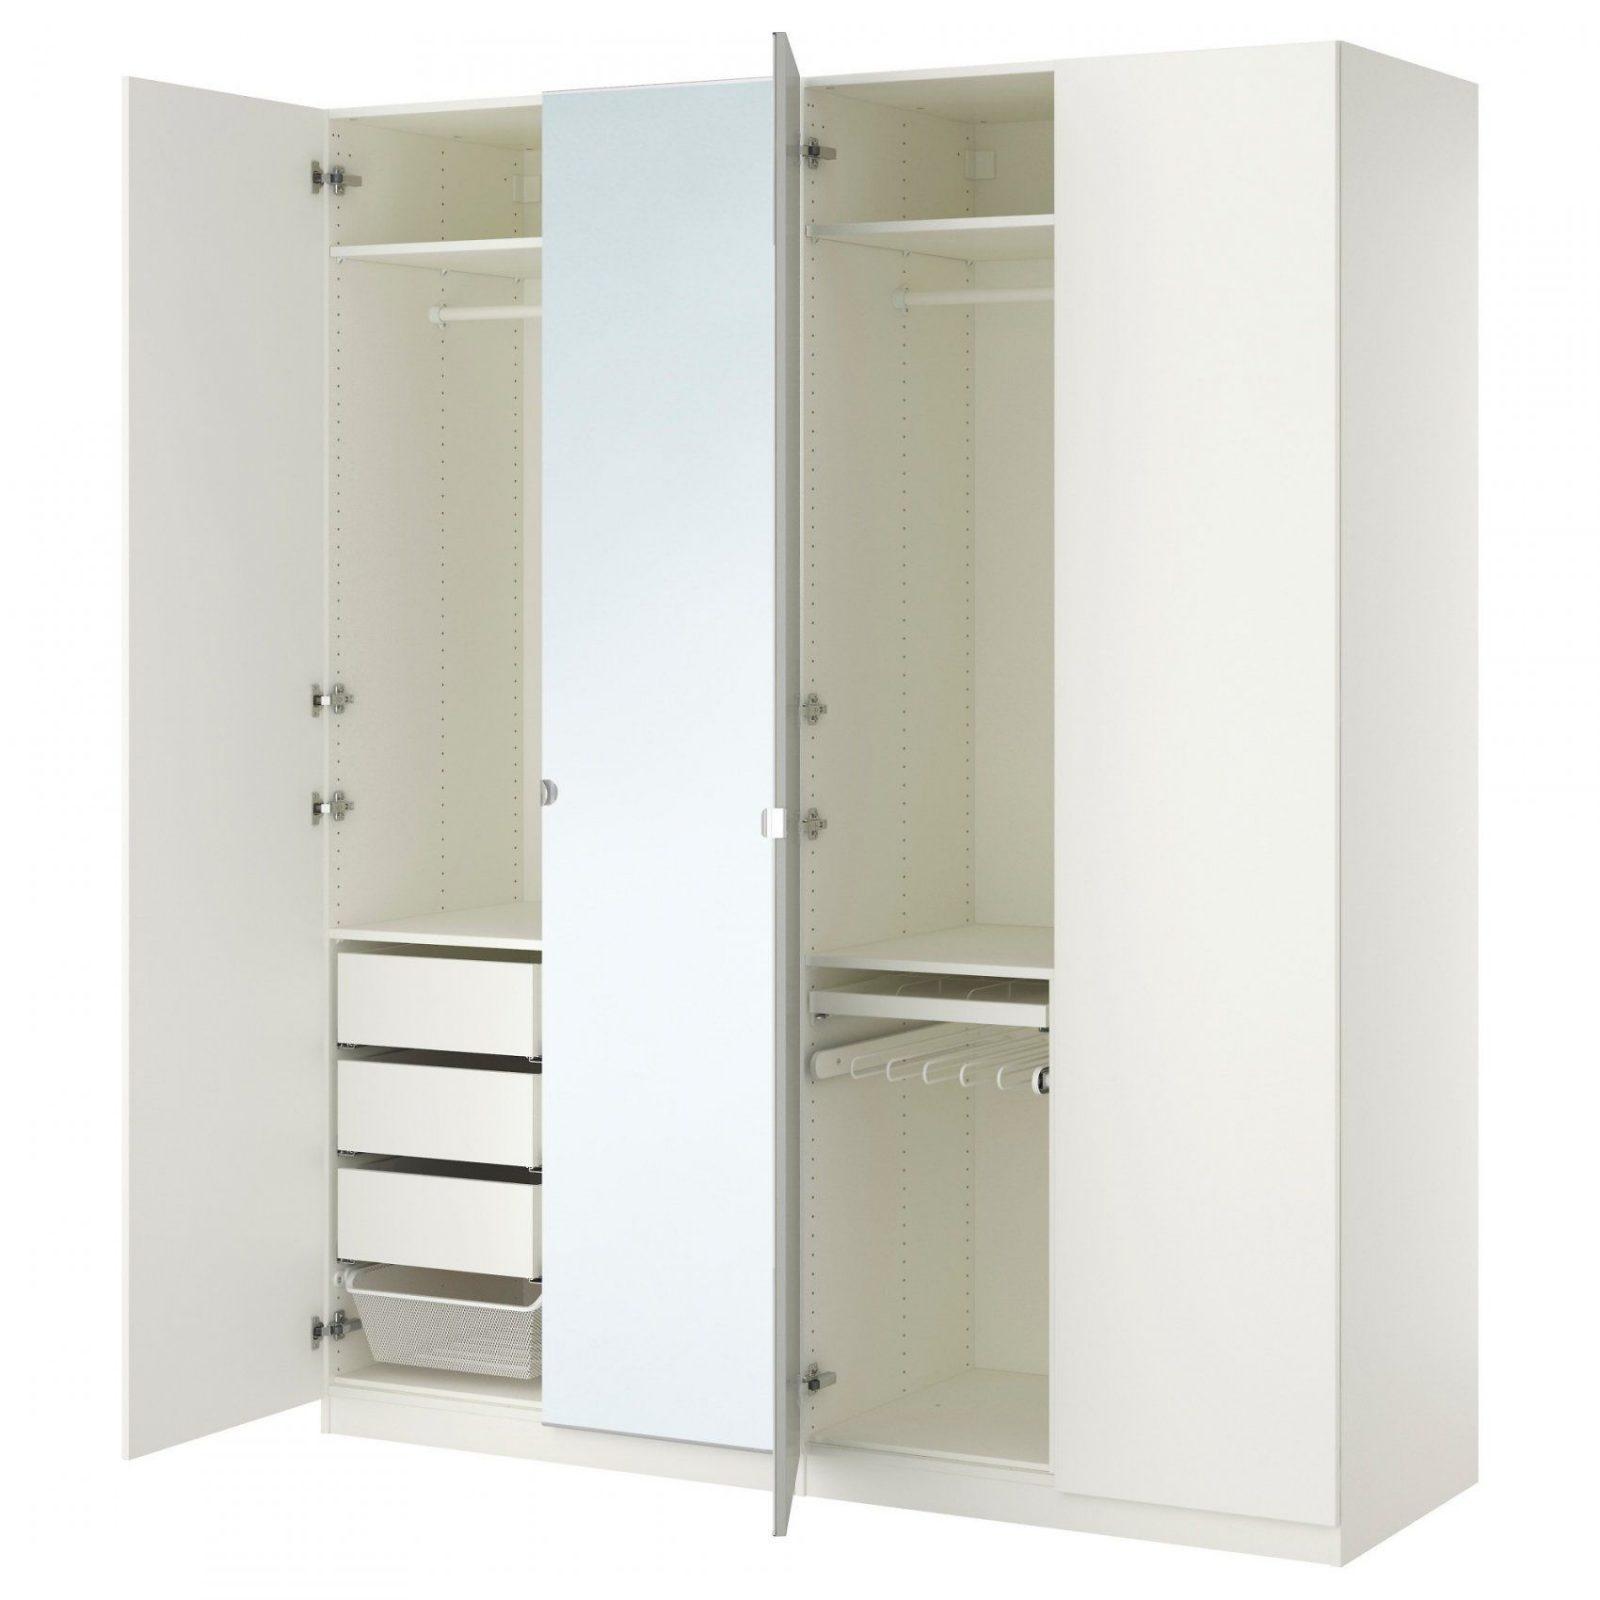 Feinste Kleiderschrank 90 Cm Breit Kleiderschränke von Ikea Schrank 90 Cm Breit Bild